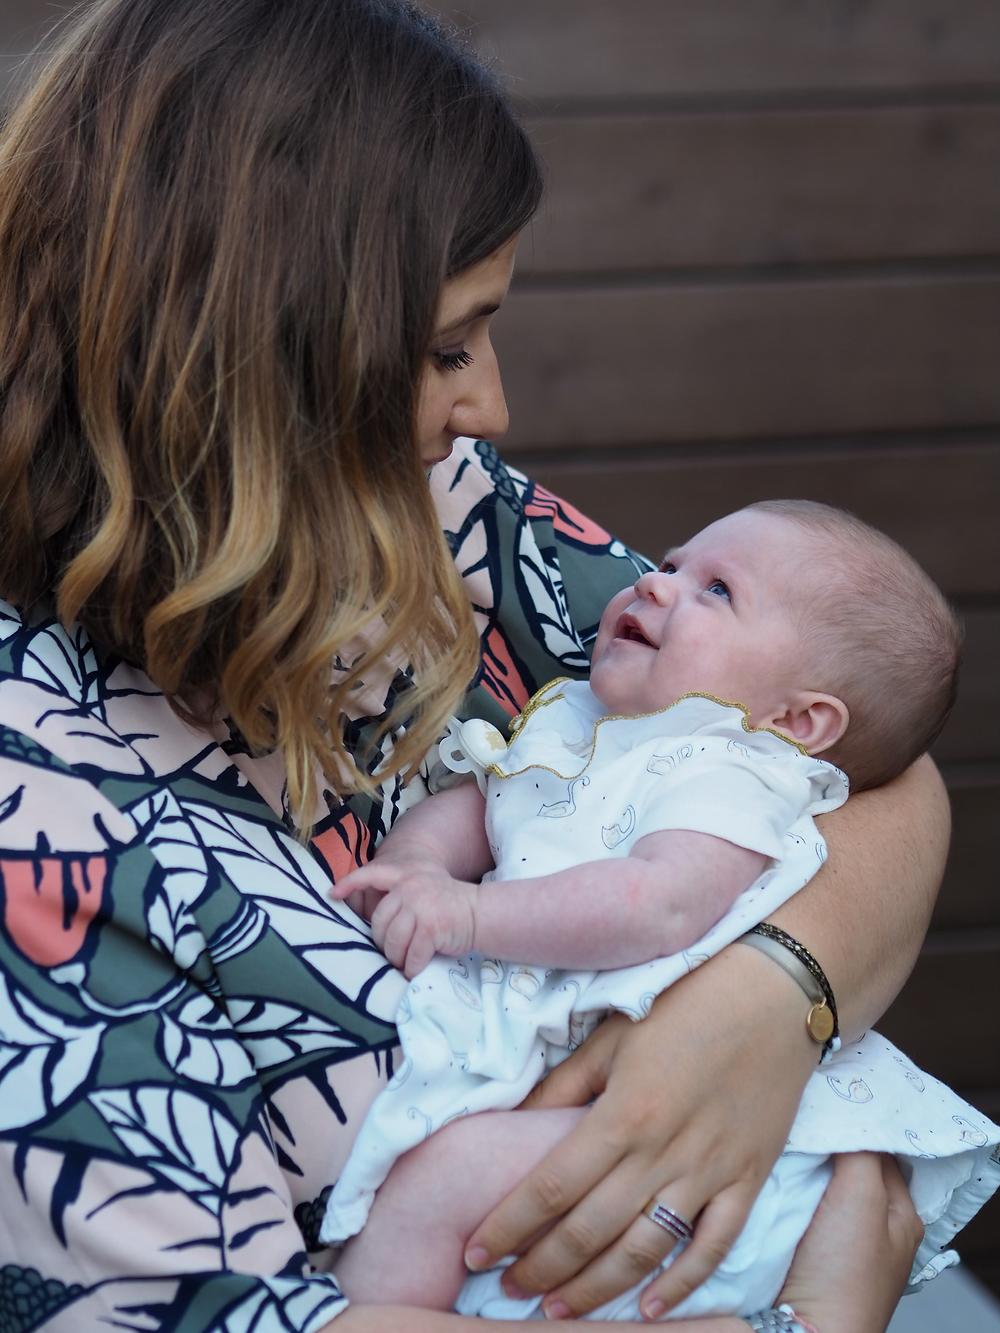 moment de tendresse entre une maman et son bébé